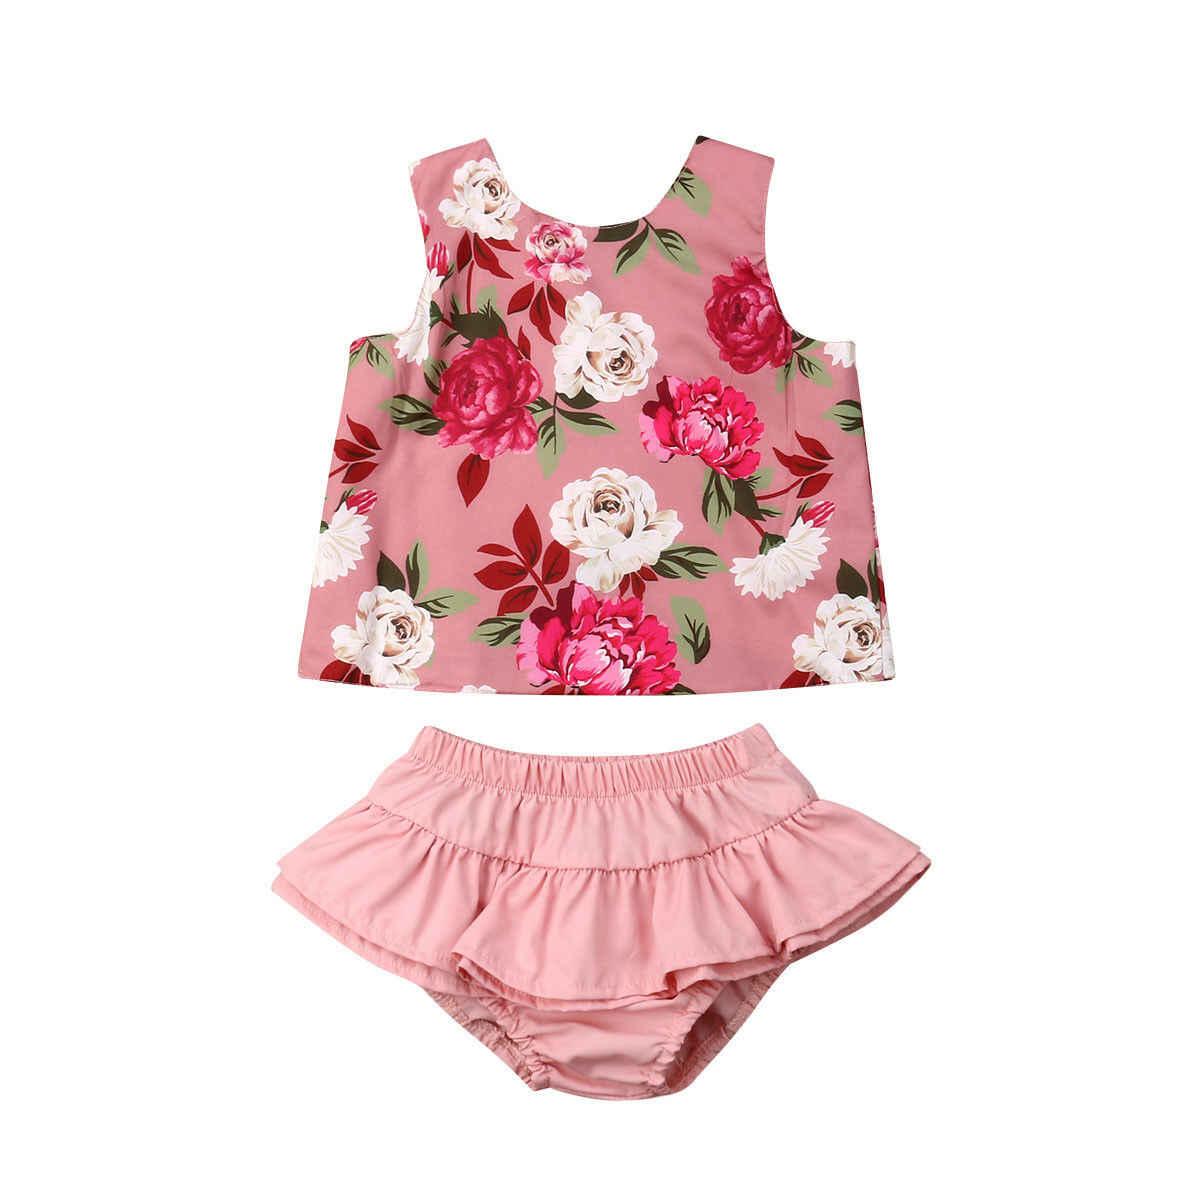 2 шт. Emmababy 2019 Новое Фирменное летнее платье для детей одежда новорожденных с